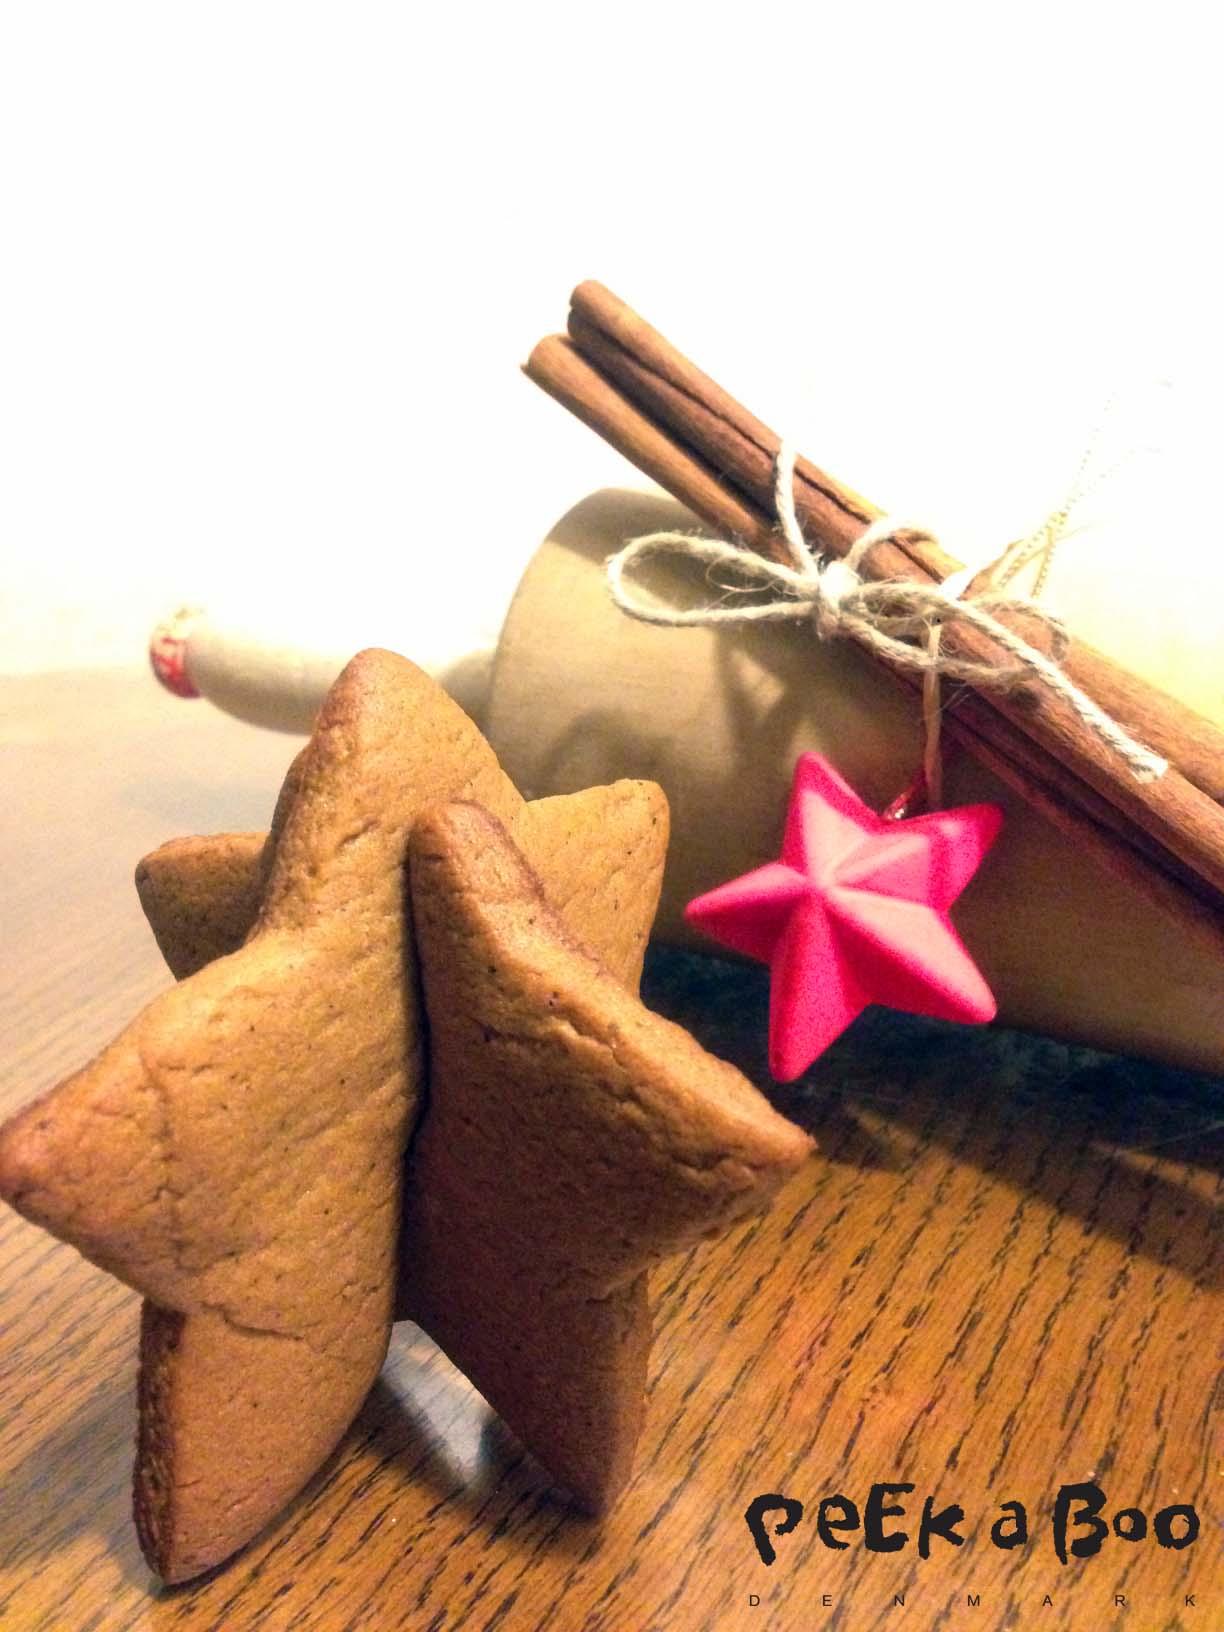 Stjerne peberkage